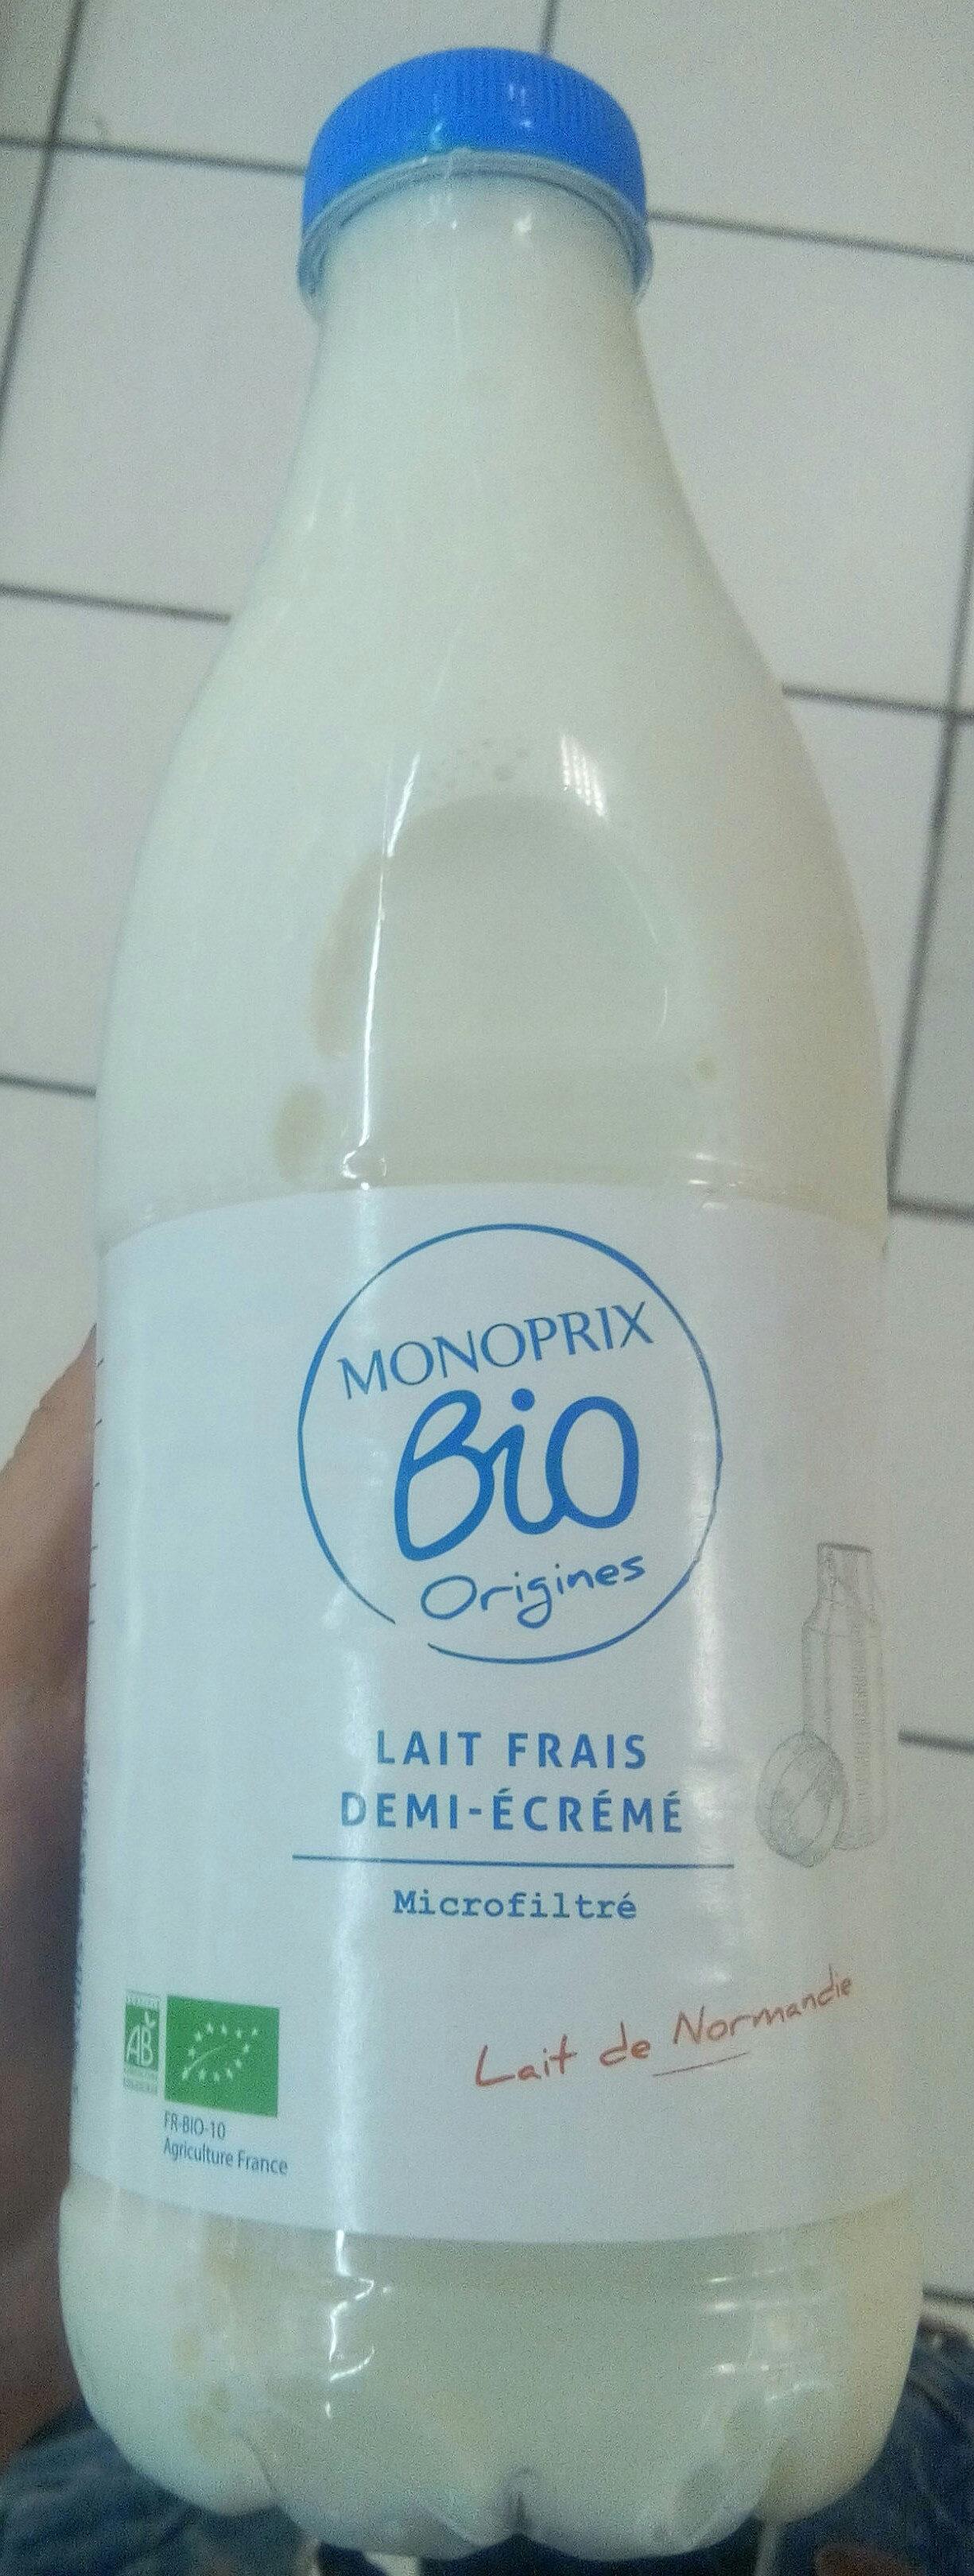 Lait Frais demi-écrémé microfiltré - Product